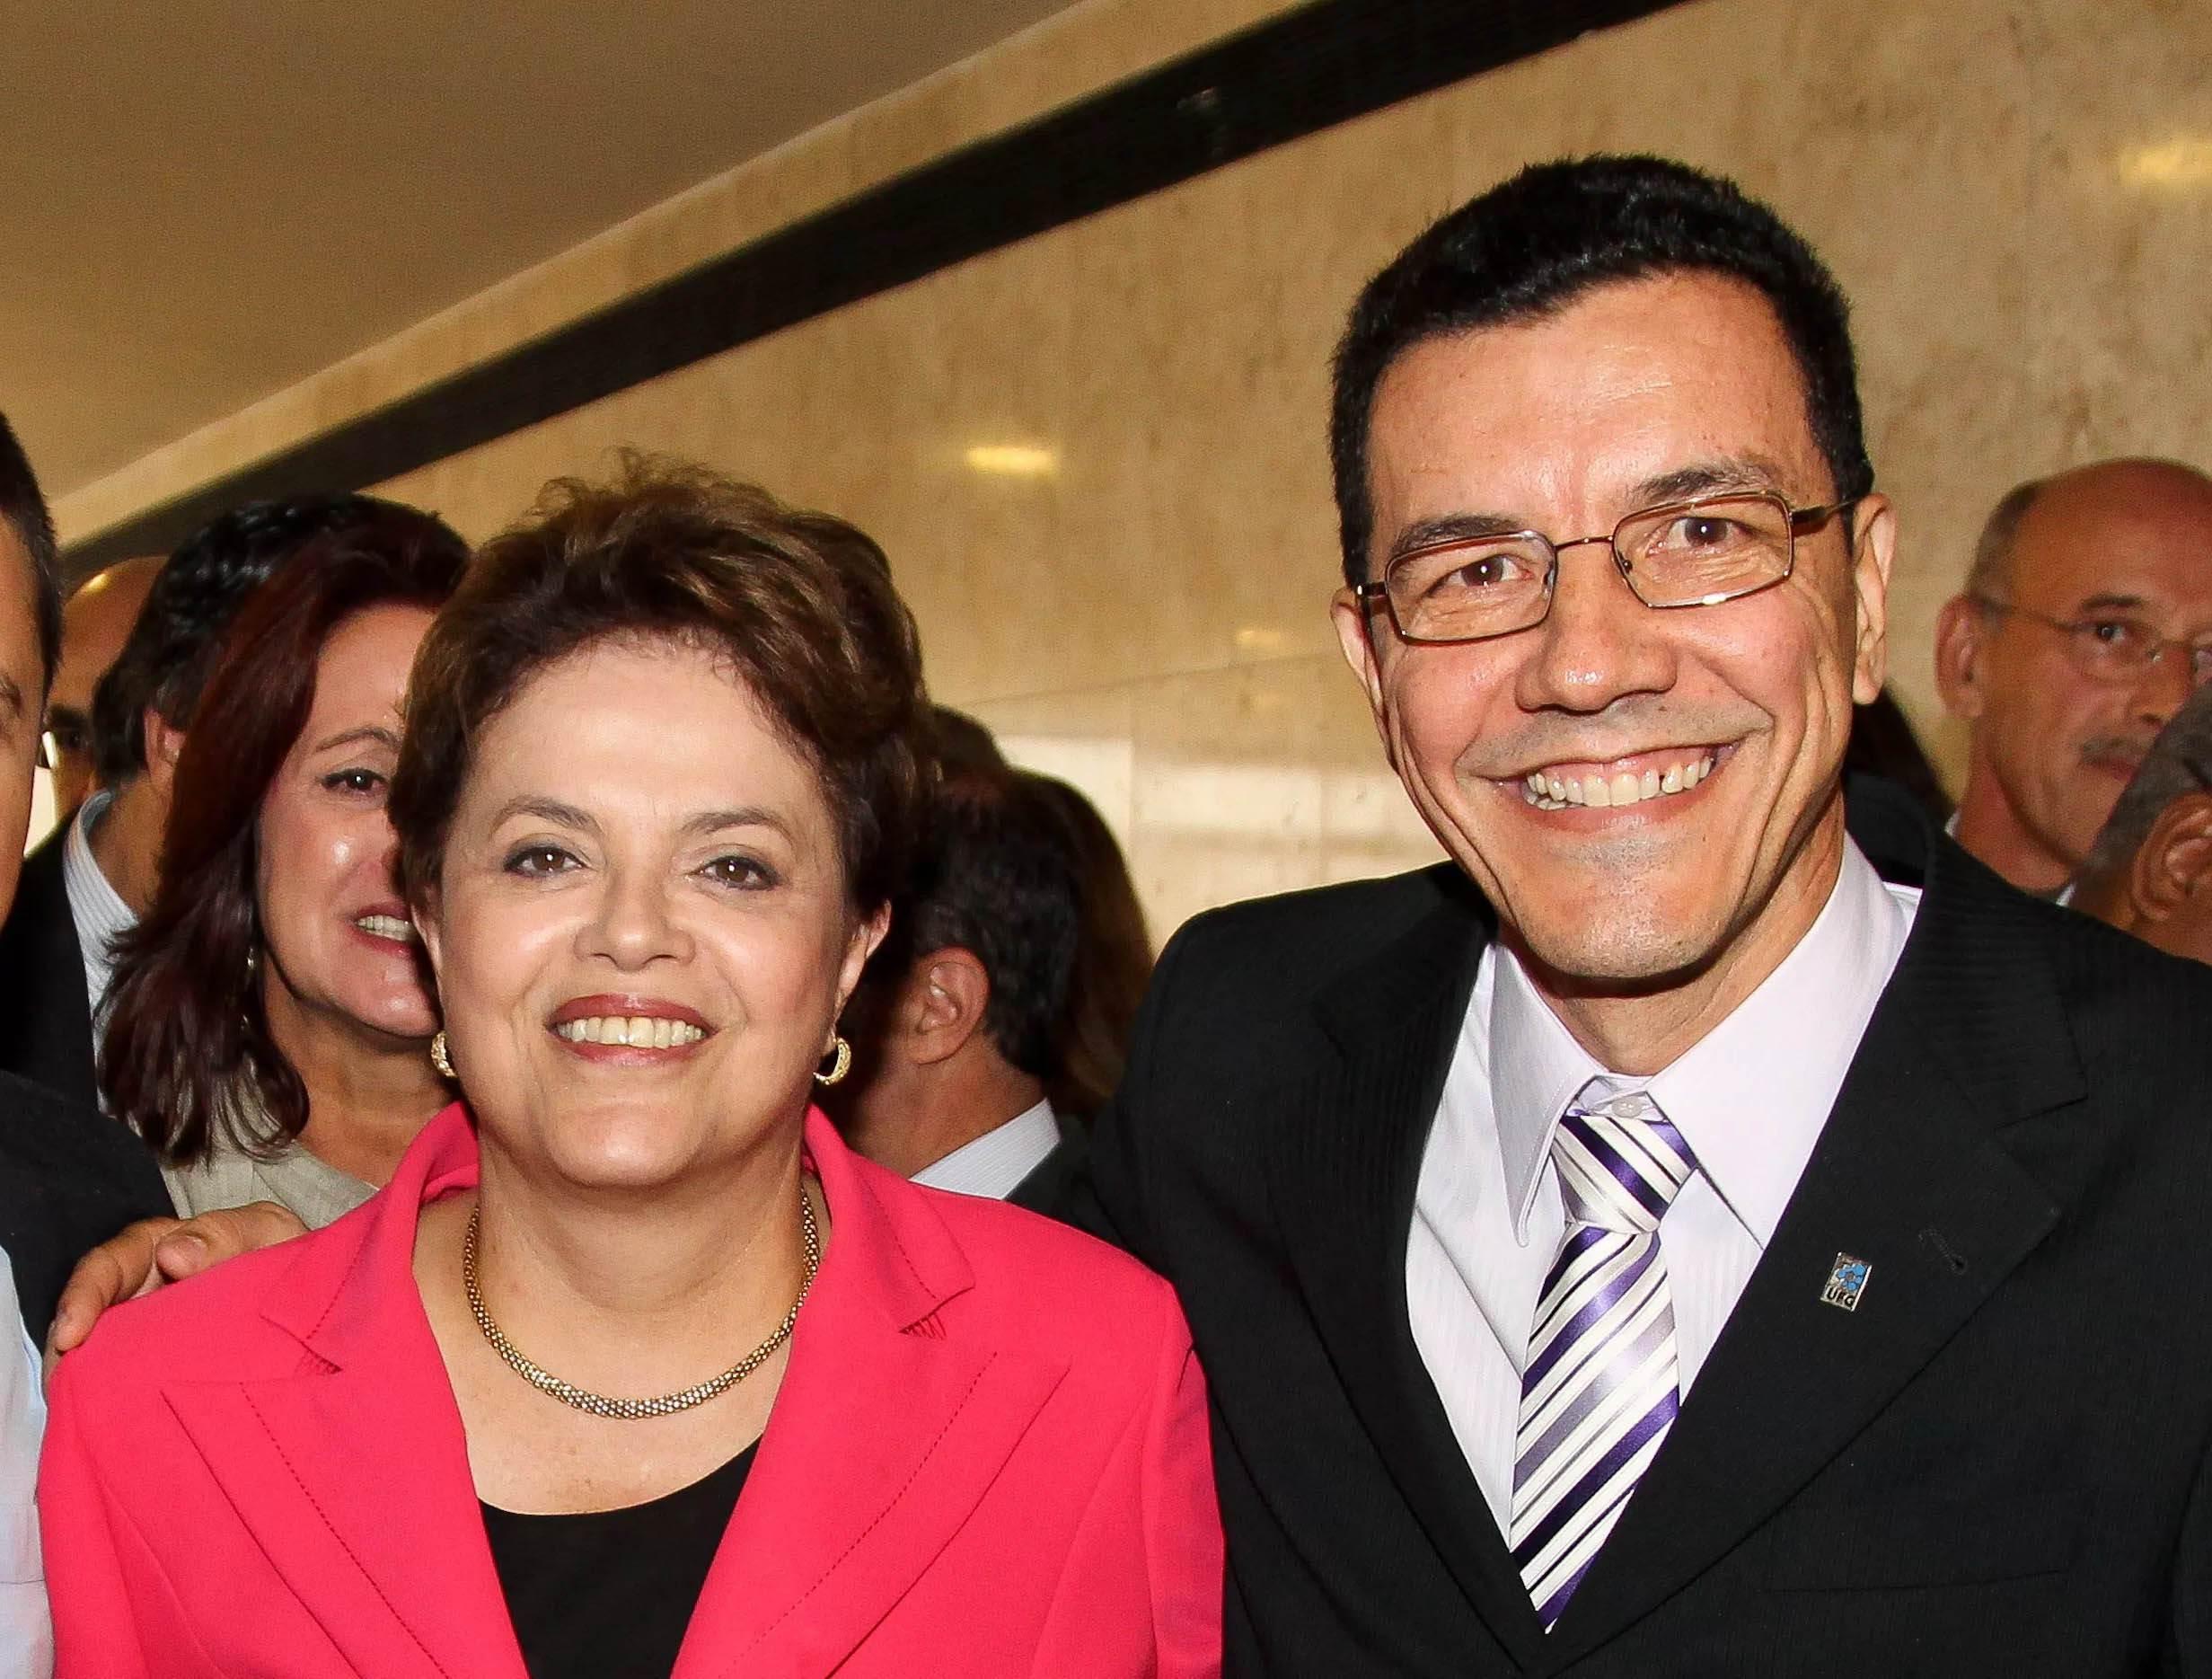 Curso 'Golpe de 2016' na UFG deve ser suspenso de imediato, pede MPF. Na foto, ex-presidente Dilma Rousseff e atual reitor da UFG Edward Madureira | Foto: Reprodução